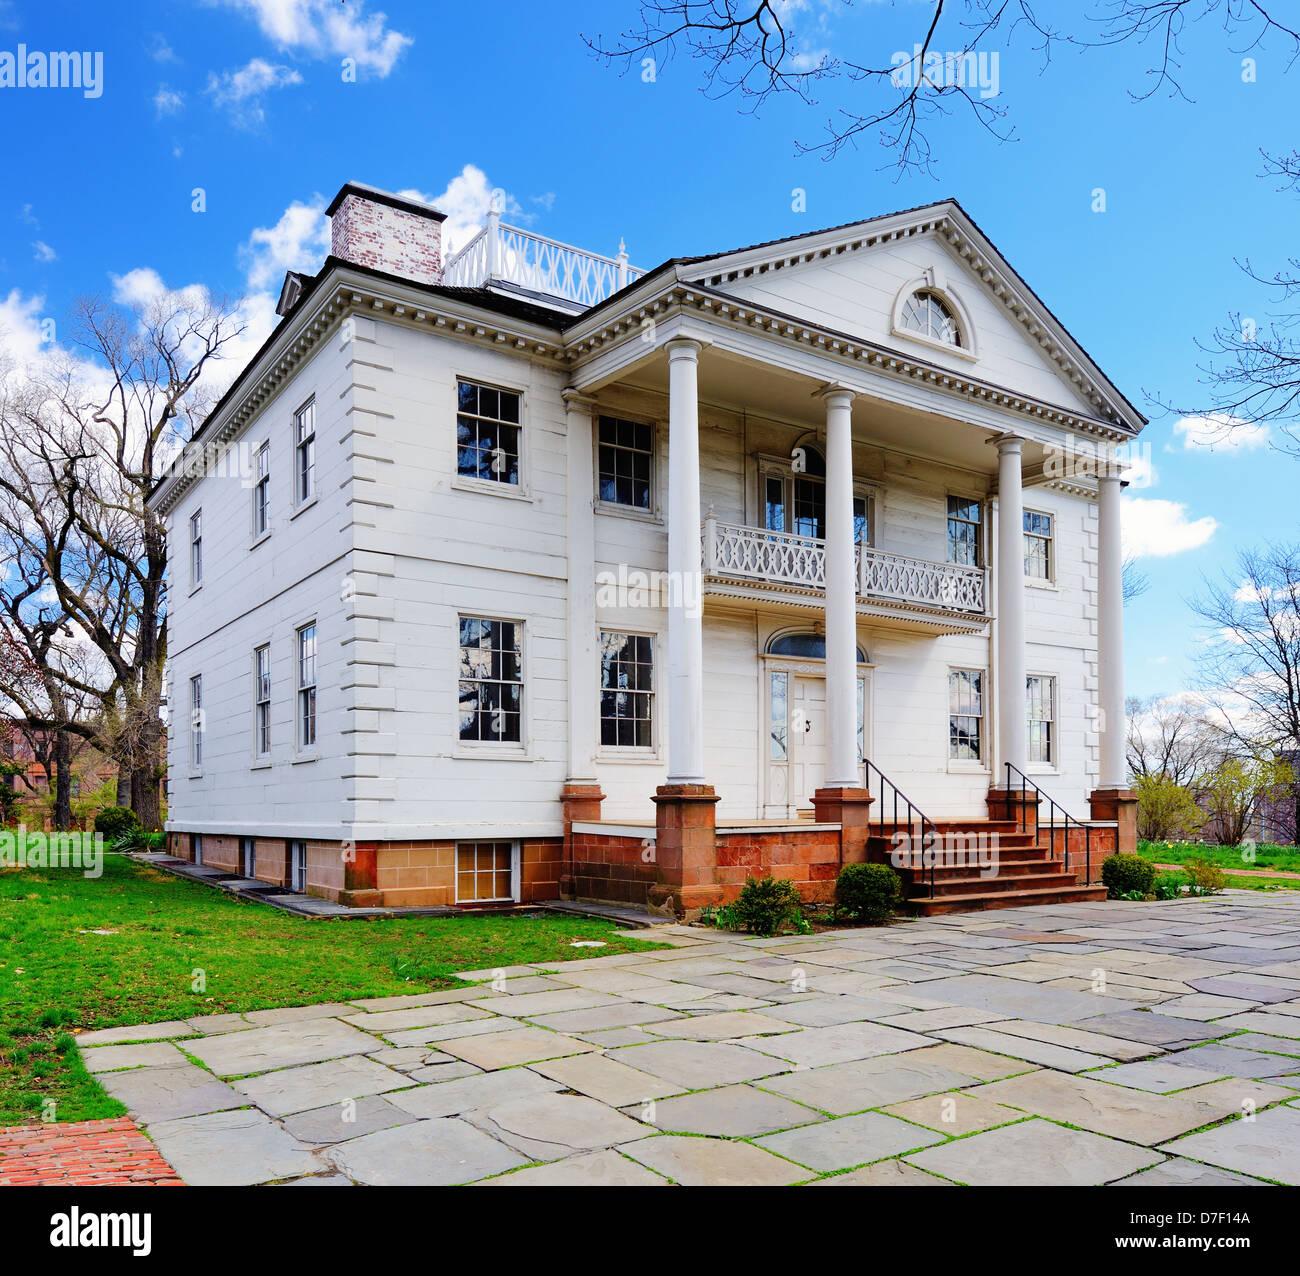 La histórica mansión Morris-Jumel en Washington Heights, Nueva York, Nueva York, Estados Unidos. Imagen De Stock